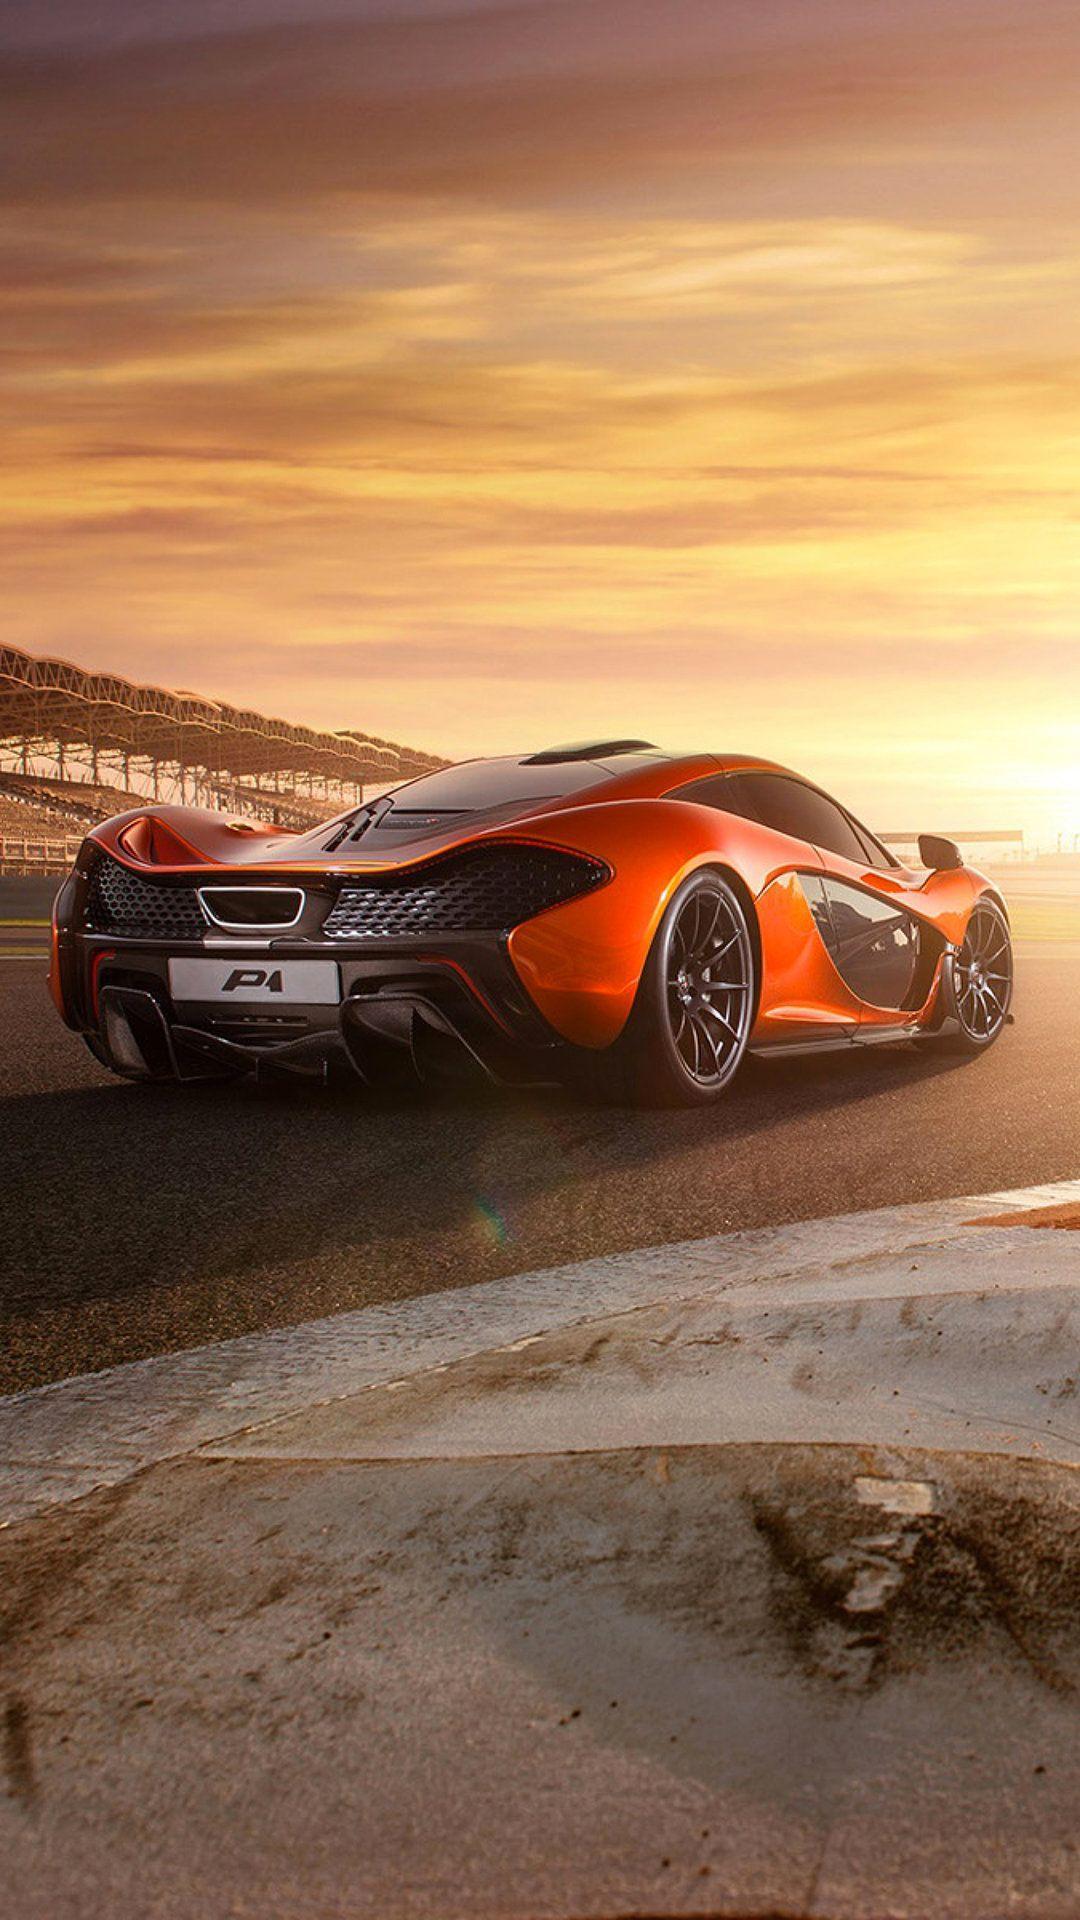 McLaren P1 iPhone Wallpapers - Top Free McLaren P1 iPhone ...